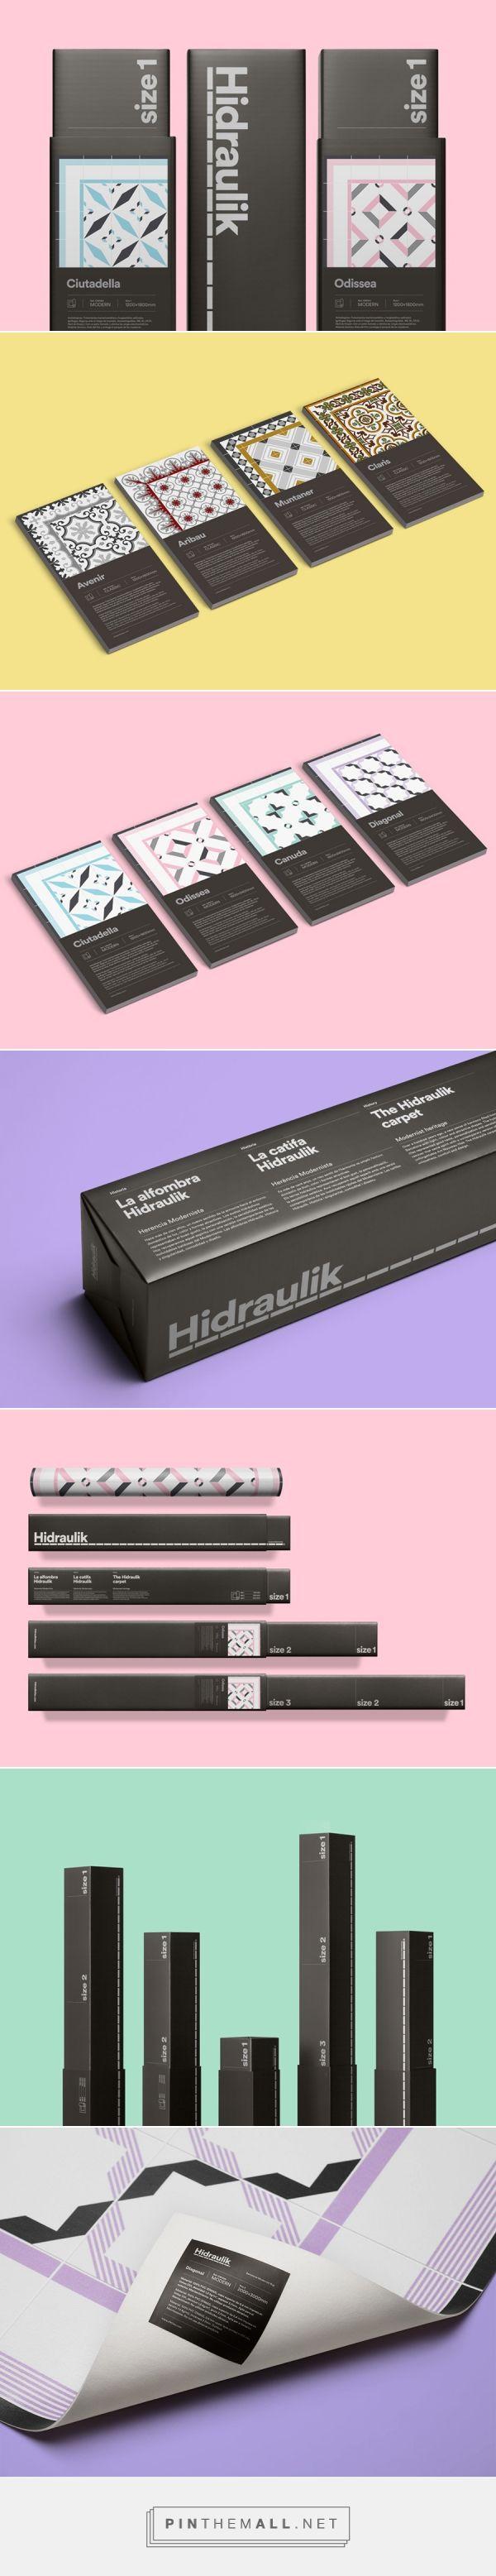 Hidraulik / carpet and rugs / Huaman